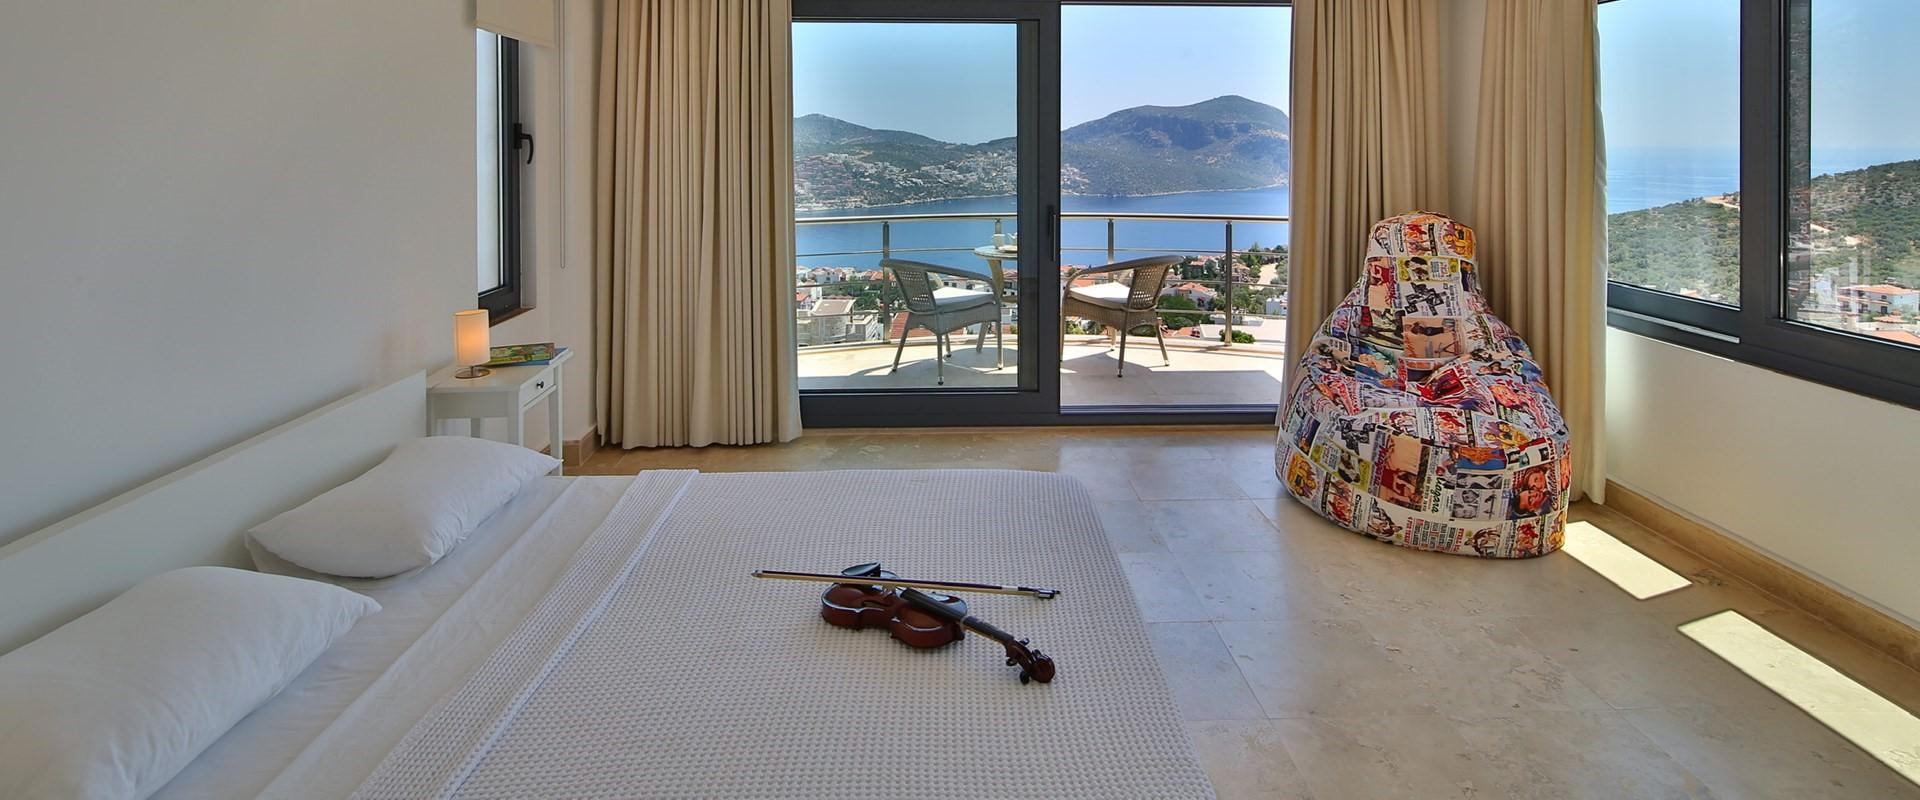 villa-ecrin-kalkan-double-bedroom-4